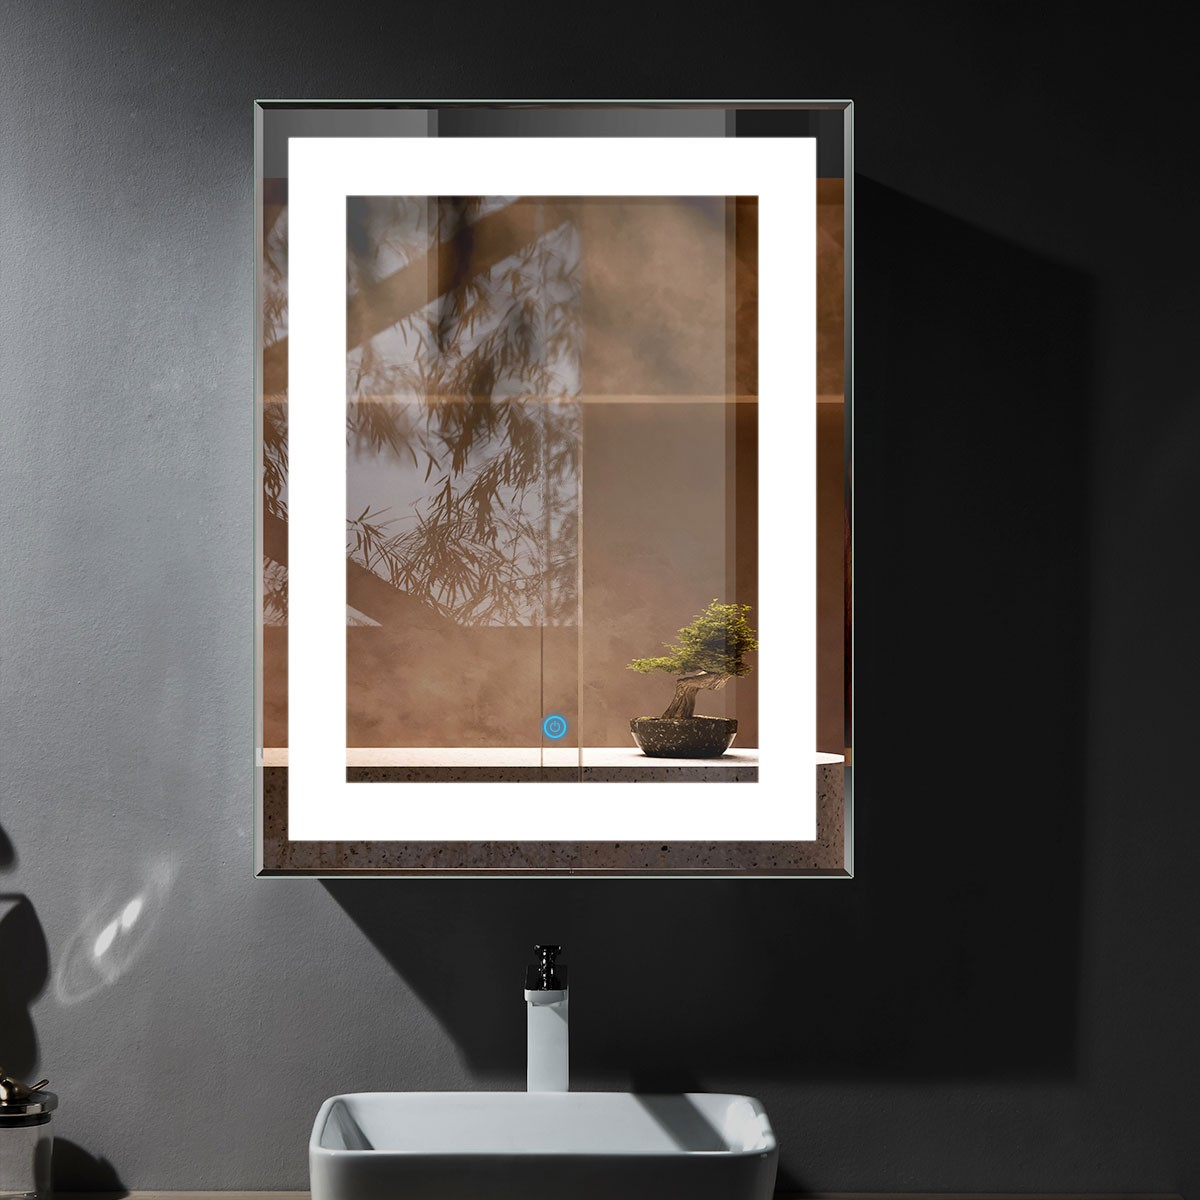 28 x 36 po miroir de salle de bain LED vertical avec bouton tactile (DK-OD-CK168-I)